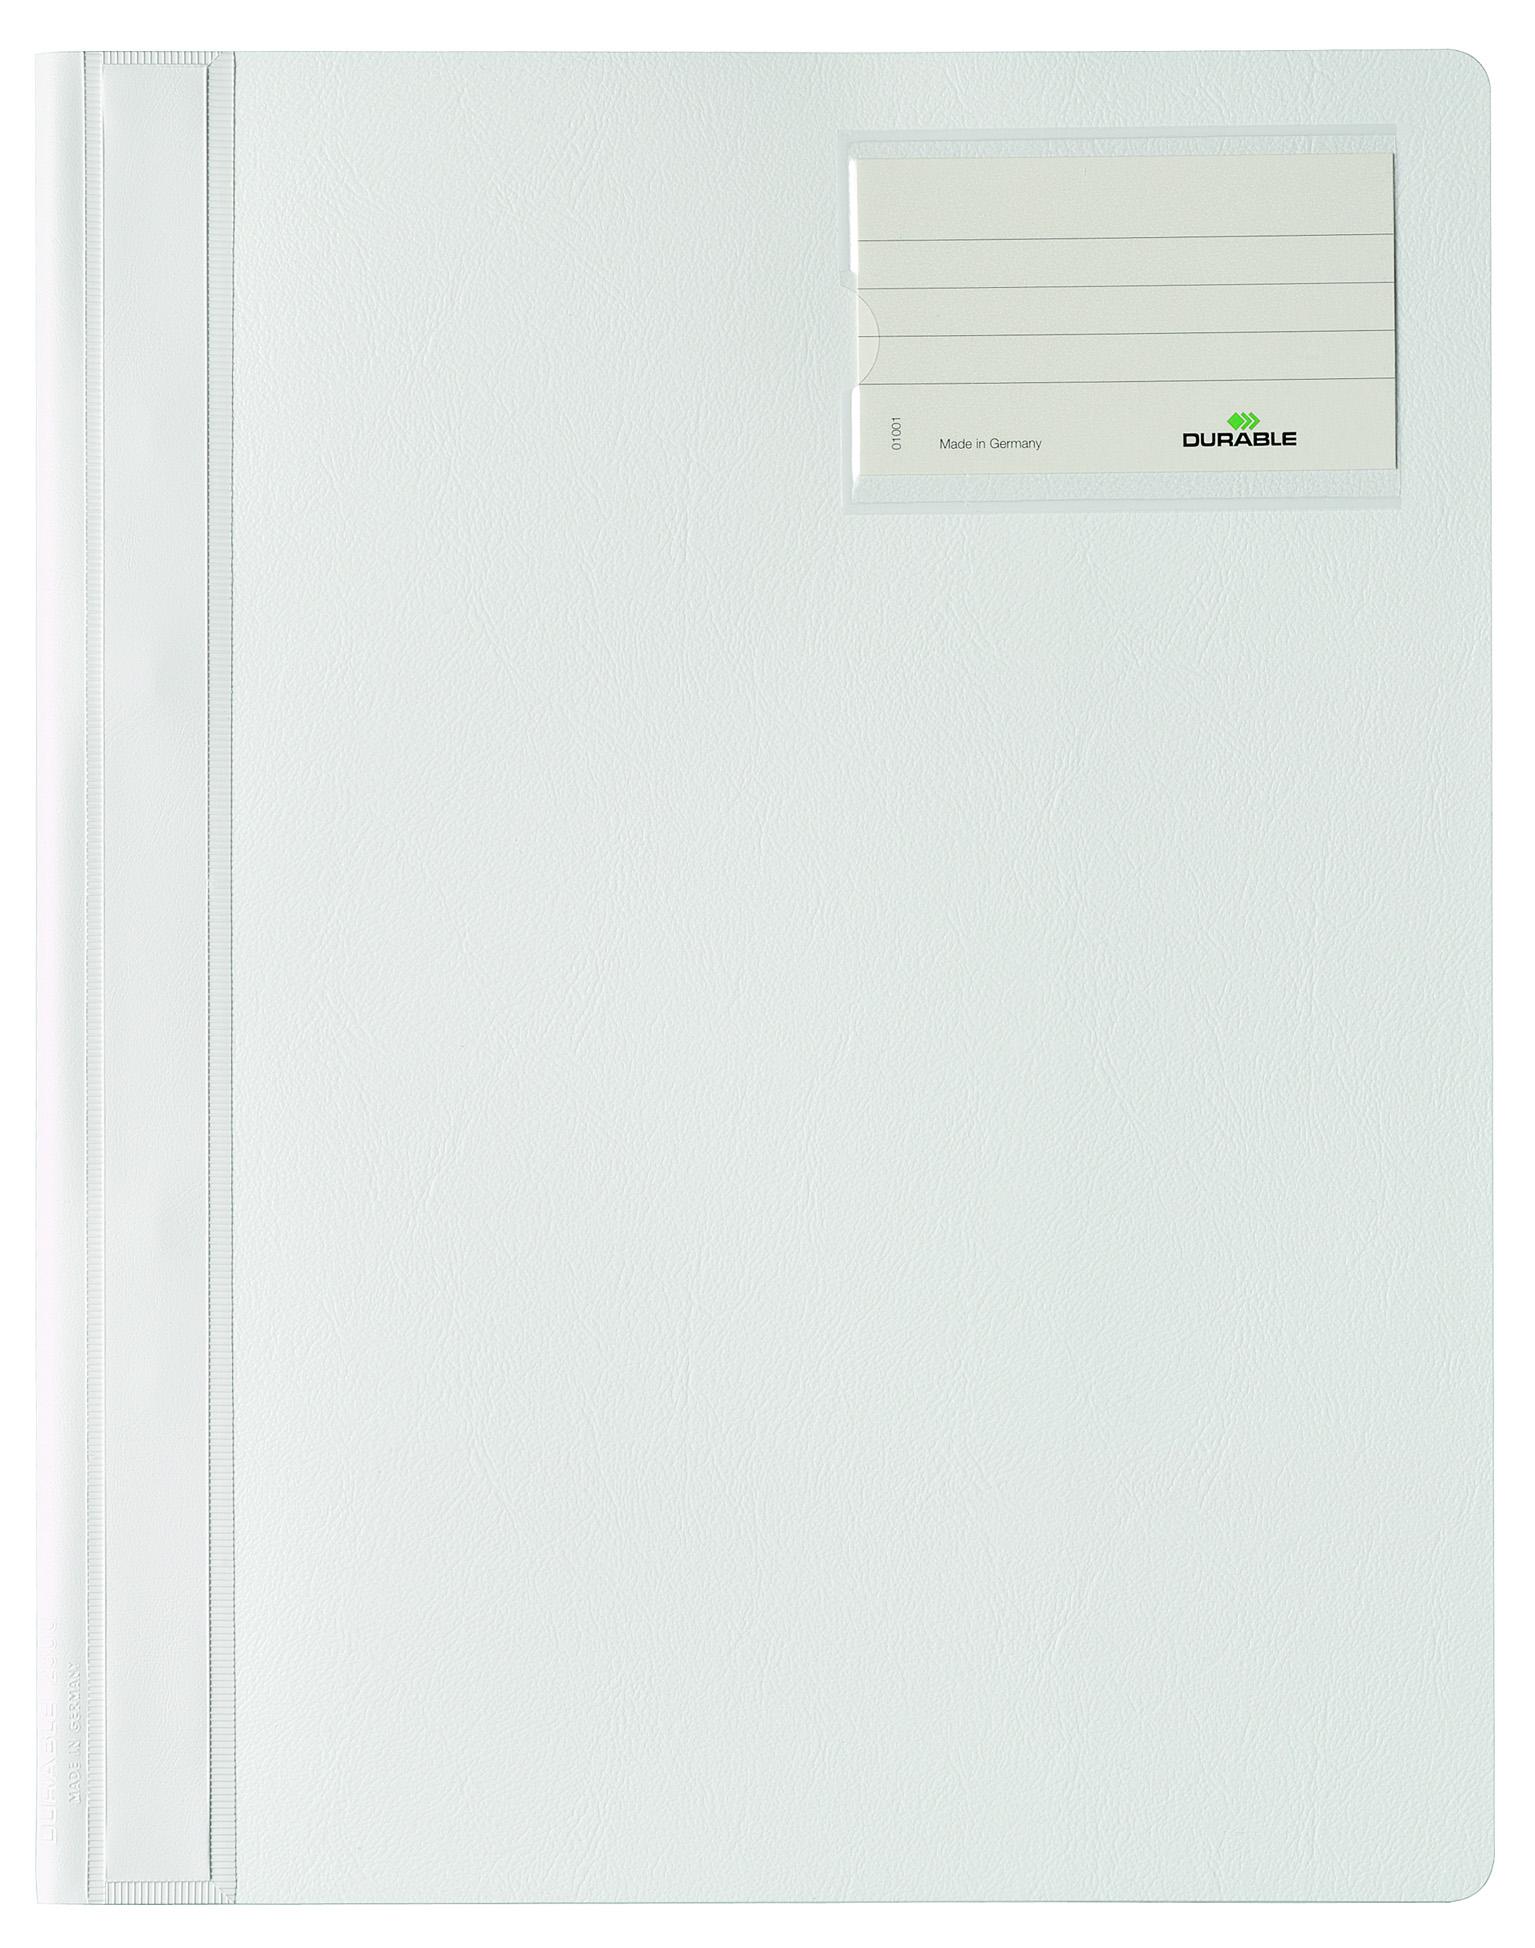 Папка Durable Management File скоросшиватель, инфо-окно, 2500-02, белый цена и фото